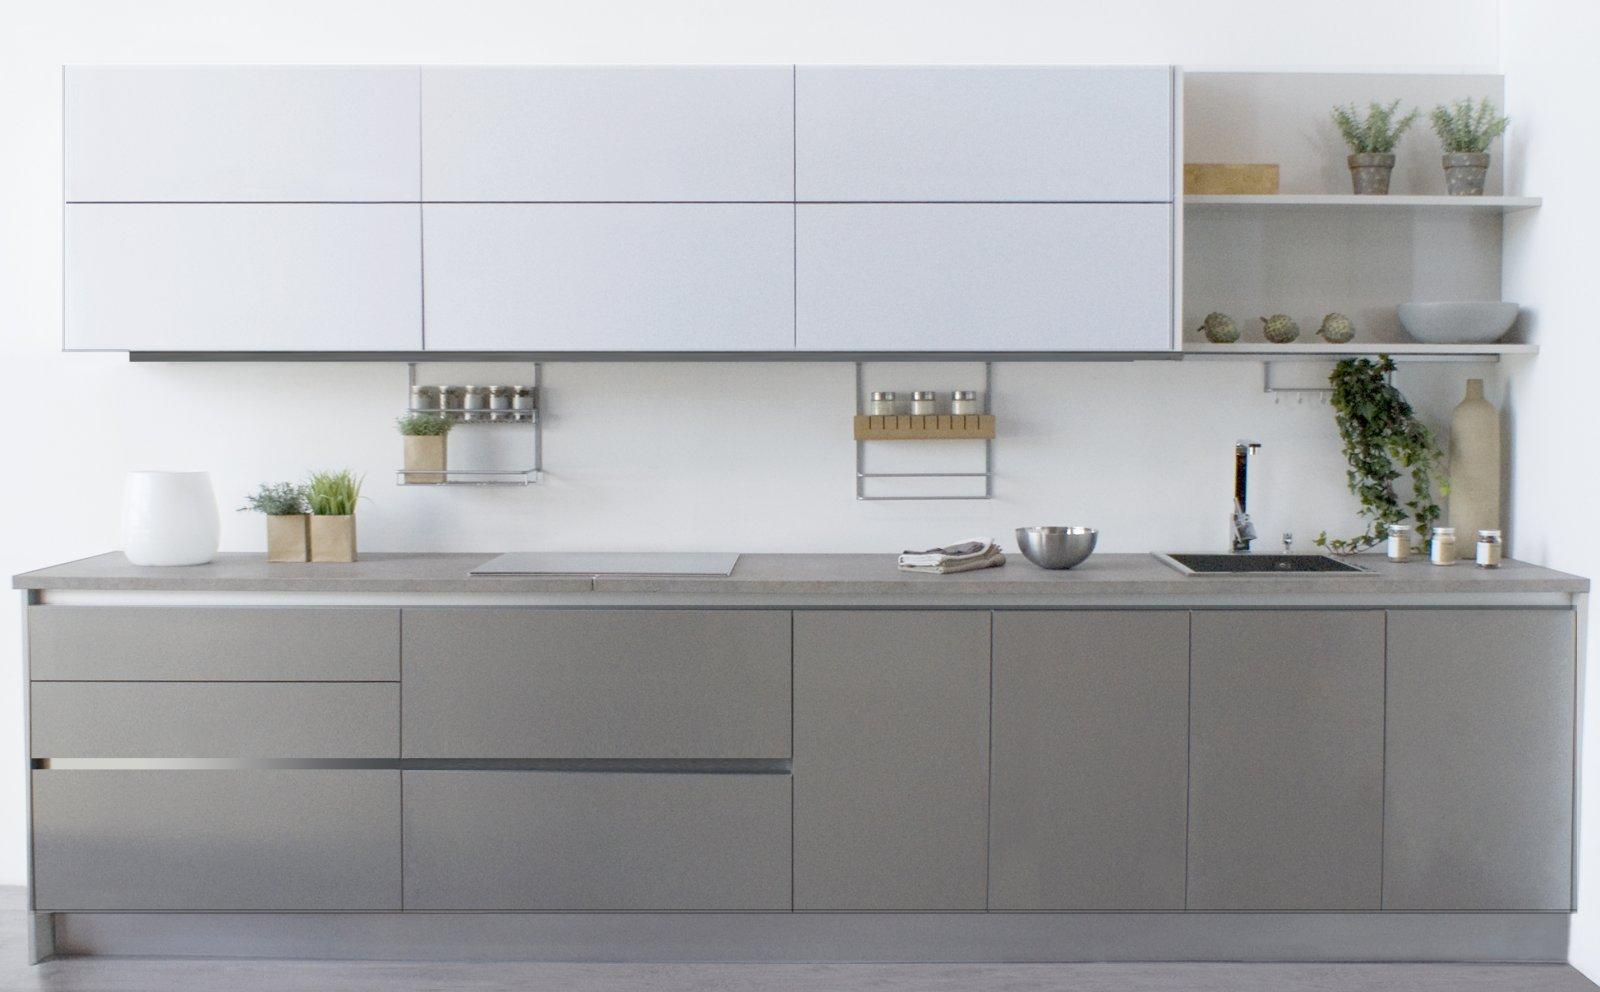 Crea tu cocina a medida con tpc cocinas decoraci n del hogar - Cocinas a medida ...